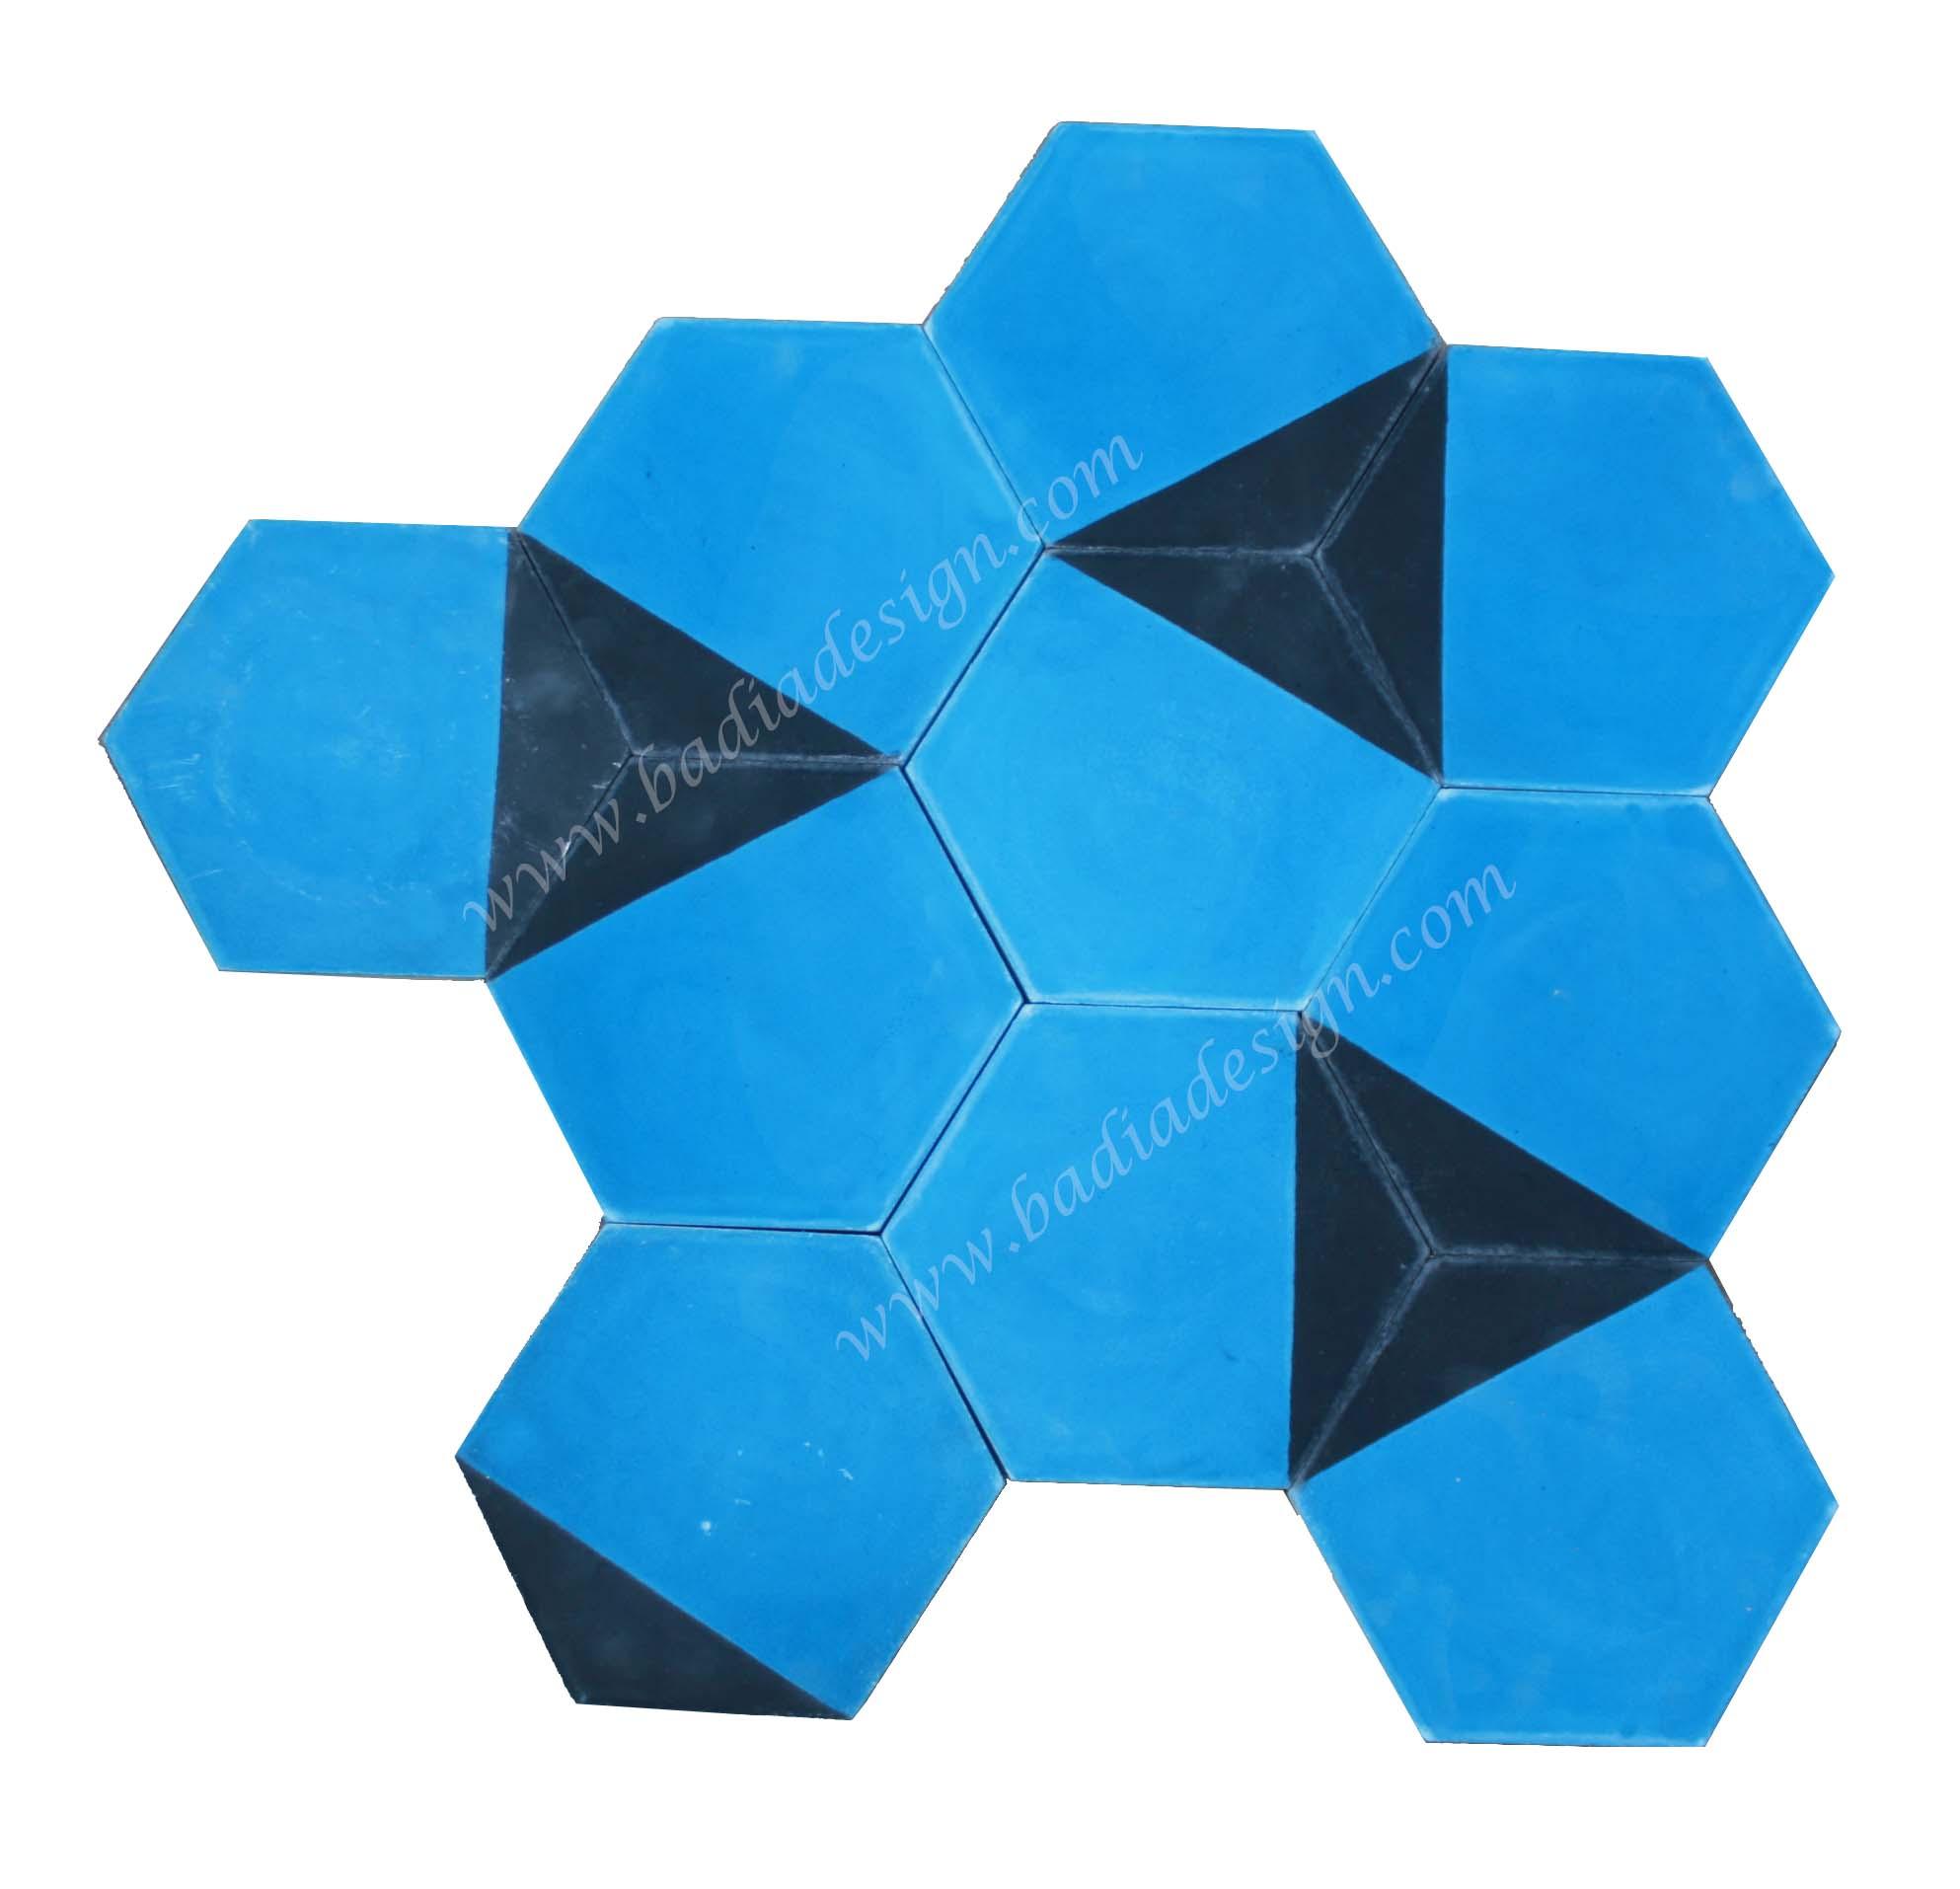 hexagon-shaped-terracotta-tile-ct101-1.jpg